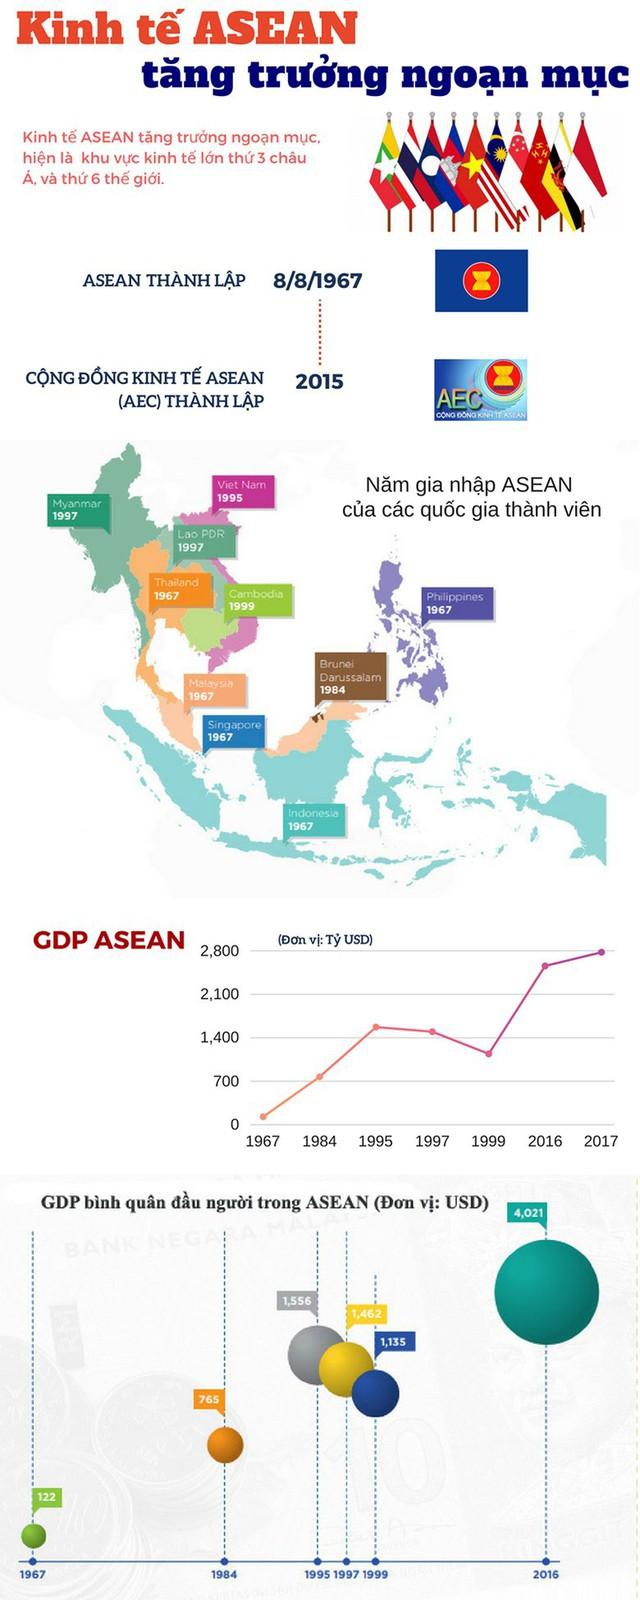 Kinh tế ASEAN tăng trưởng ngoạn mục - Ảnh 1.